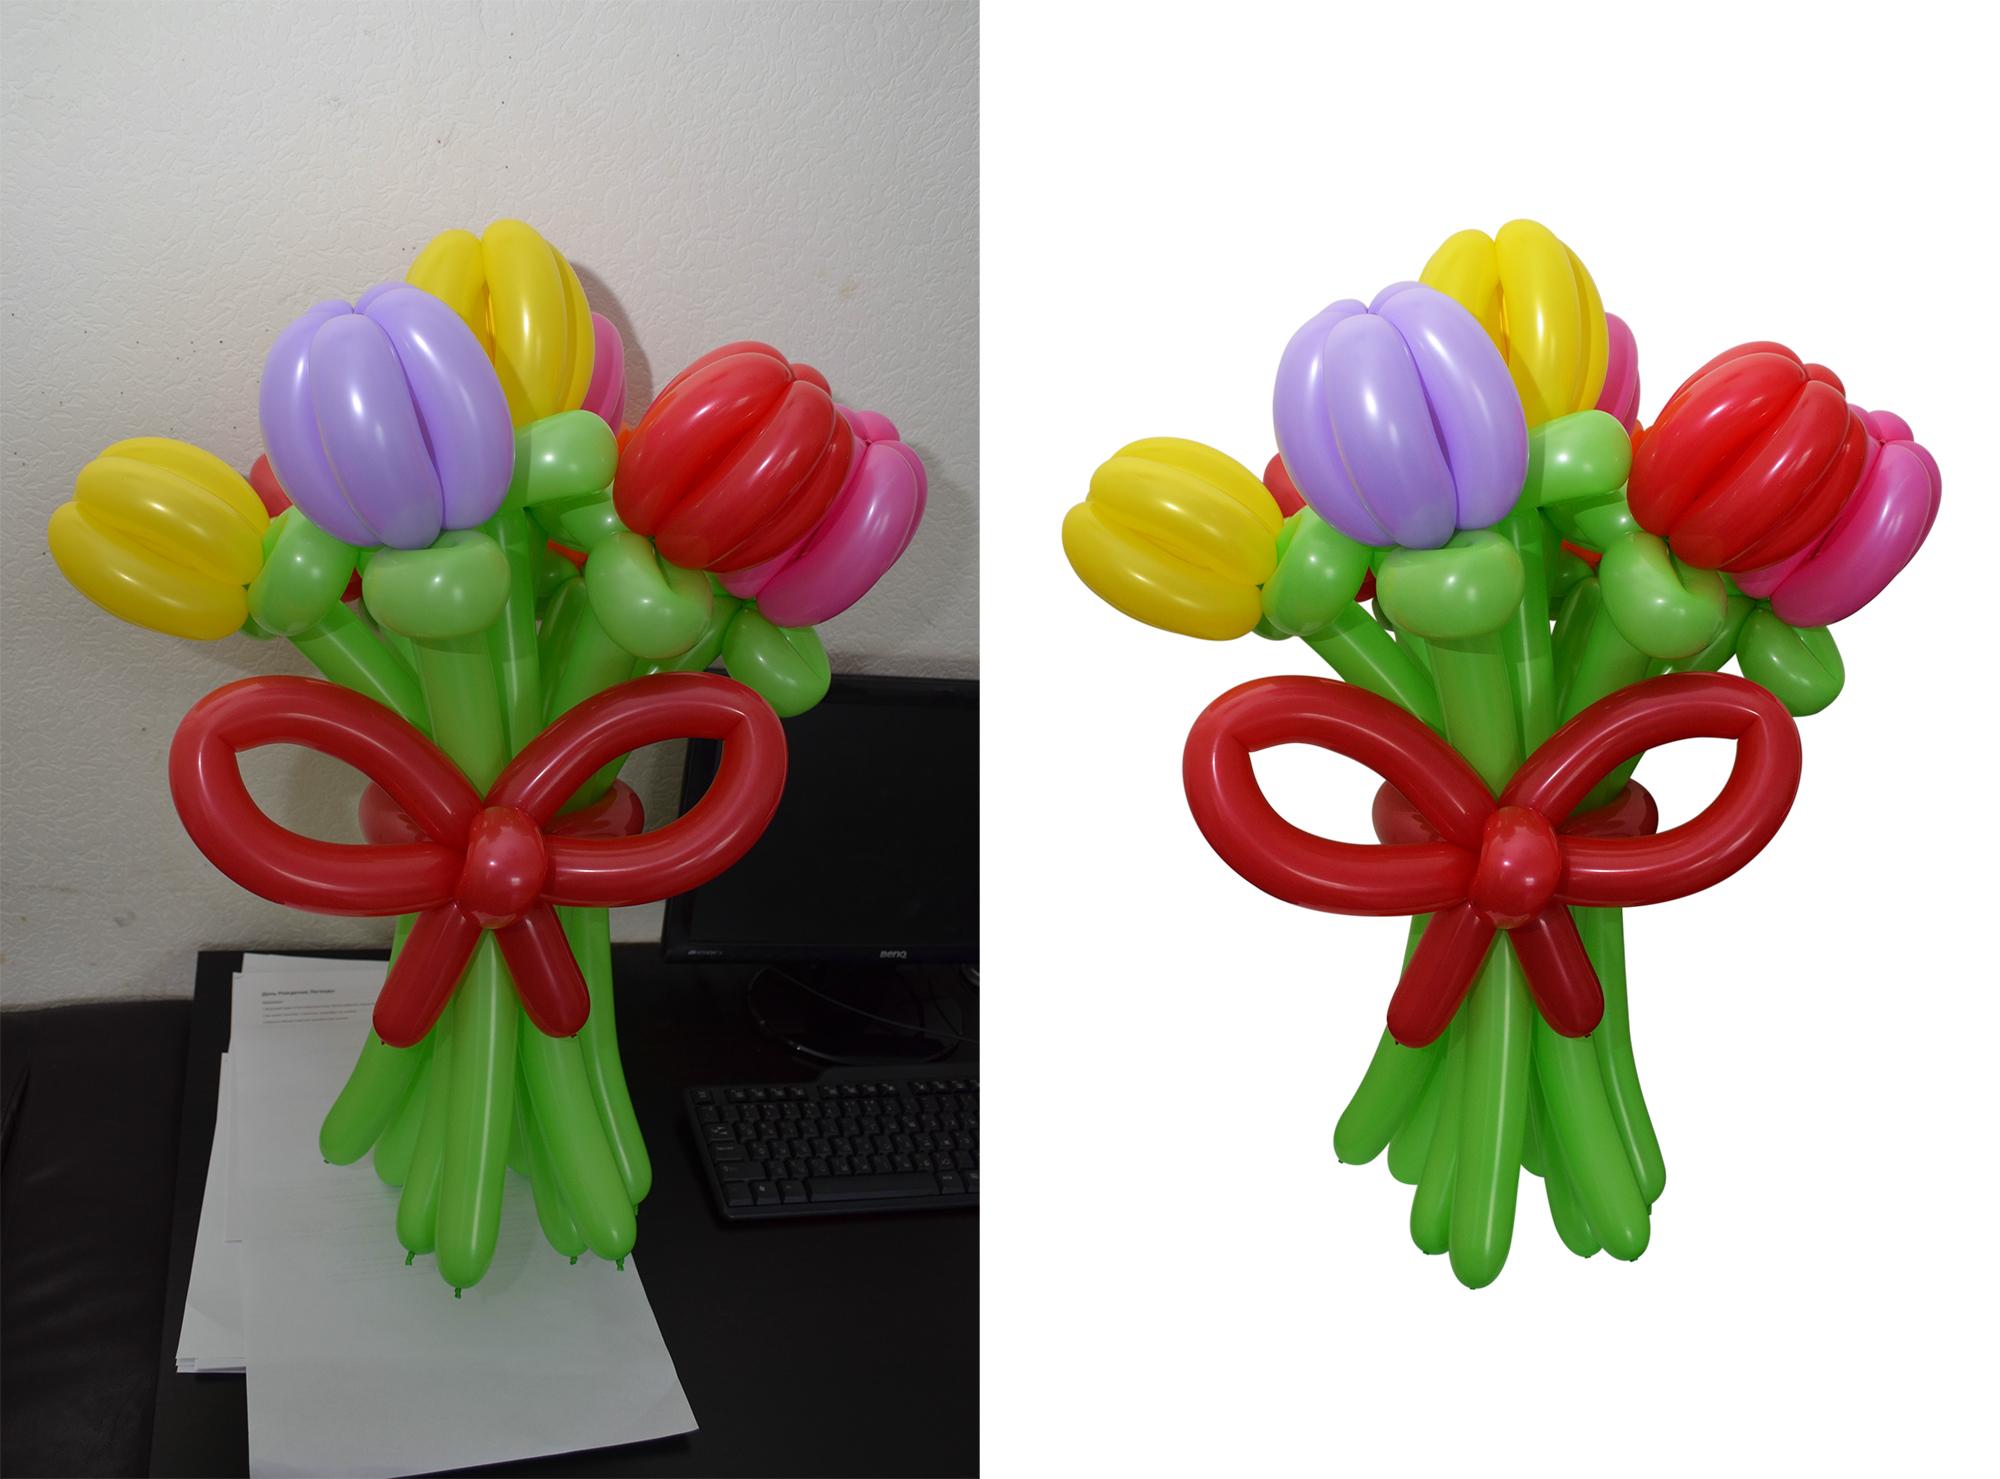 Обтравка воздушных шаров